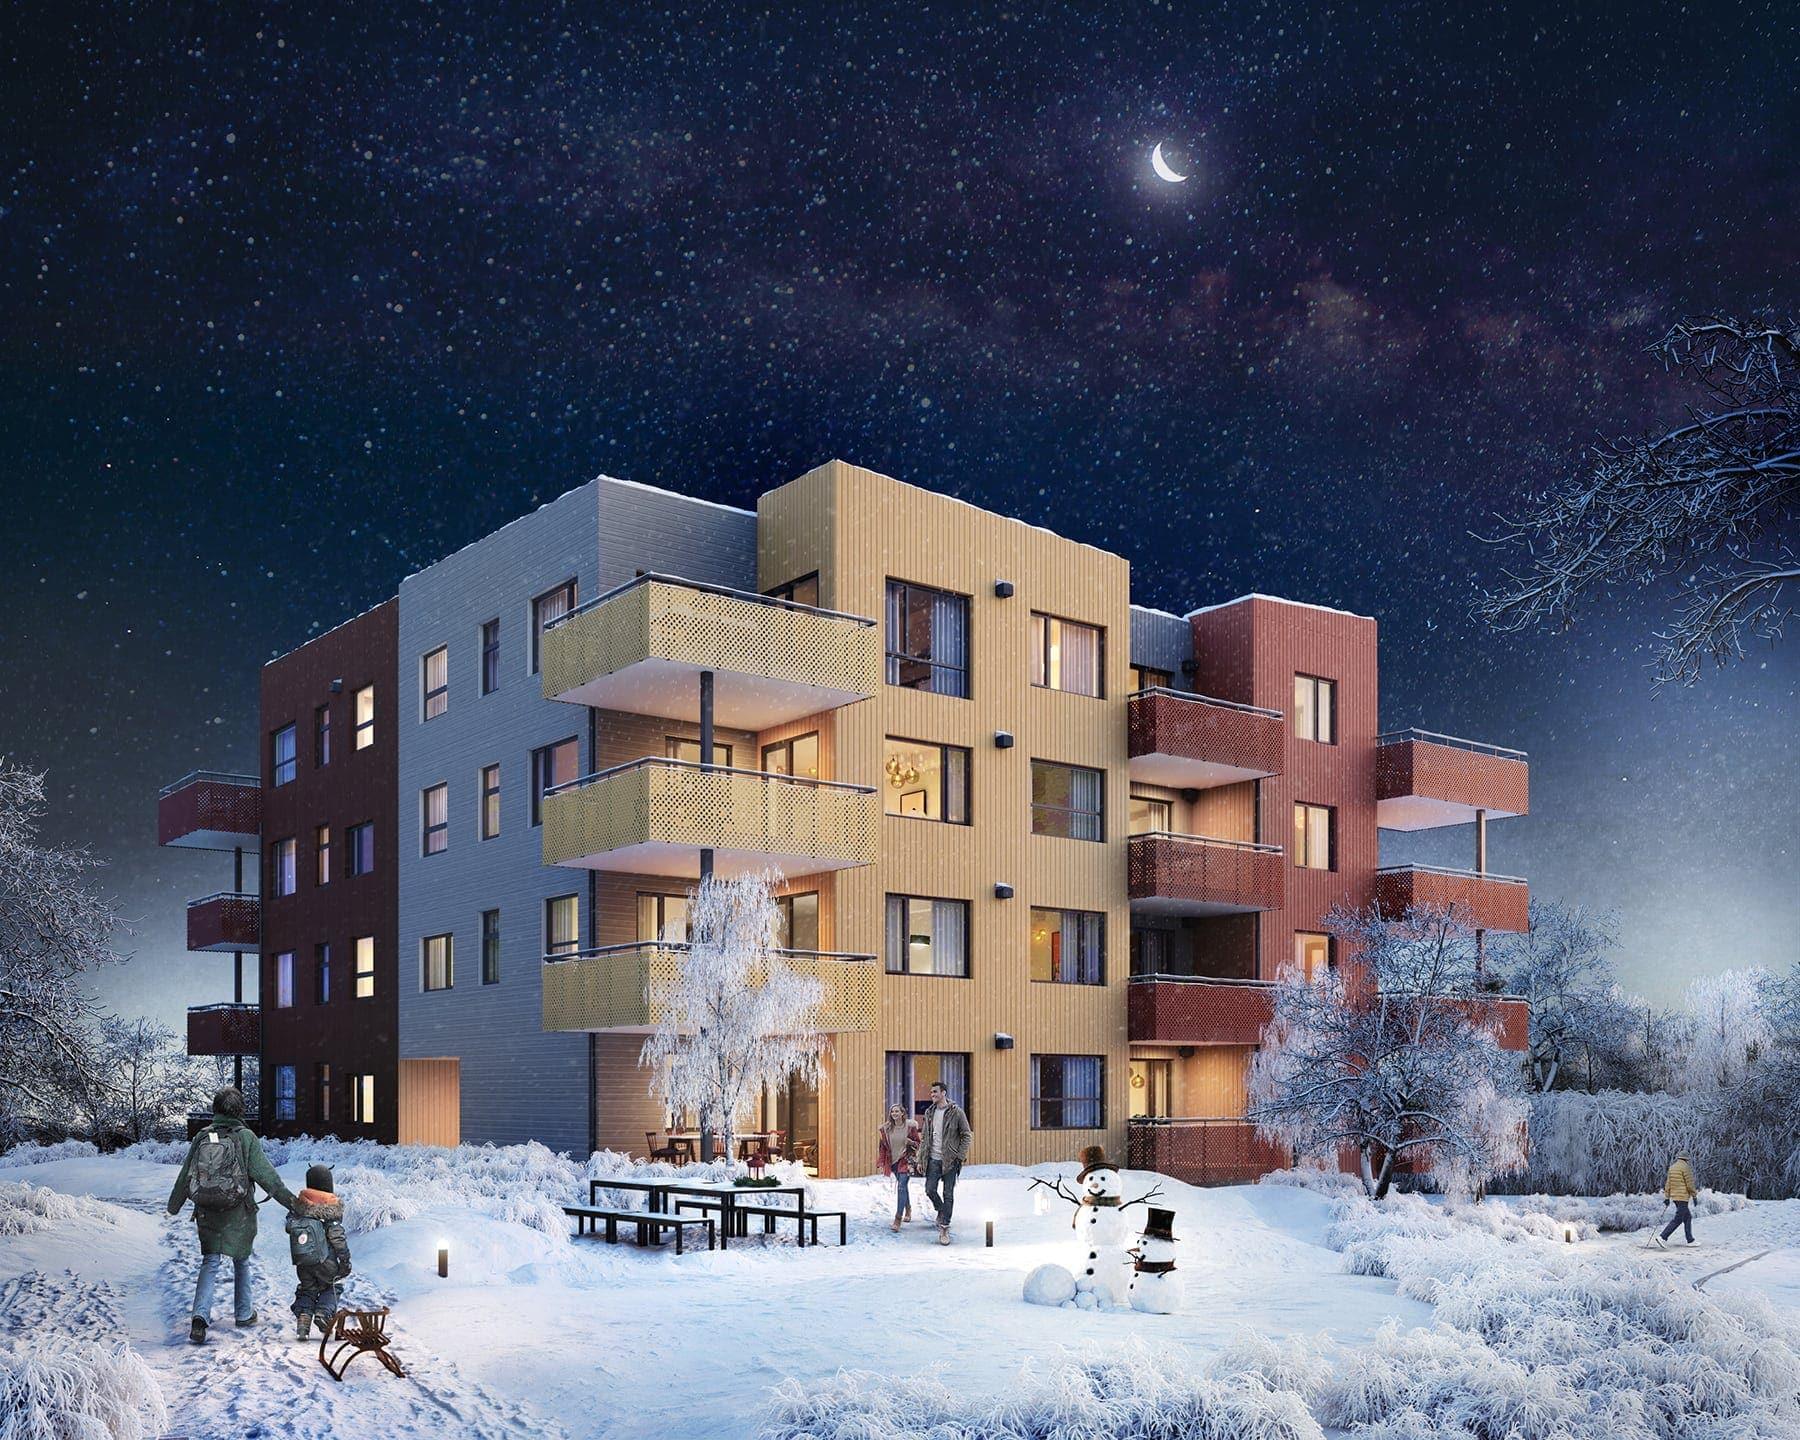 Blokk C2 sett fra sør. Kveldshimmel og vinterstemning. Illustrasjon.